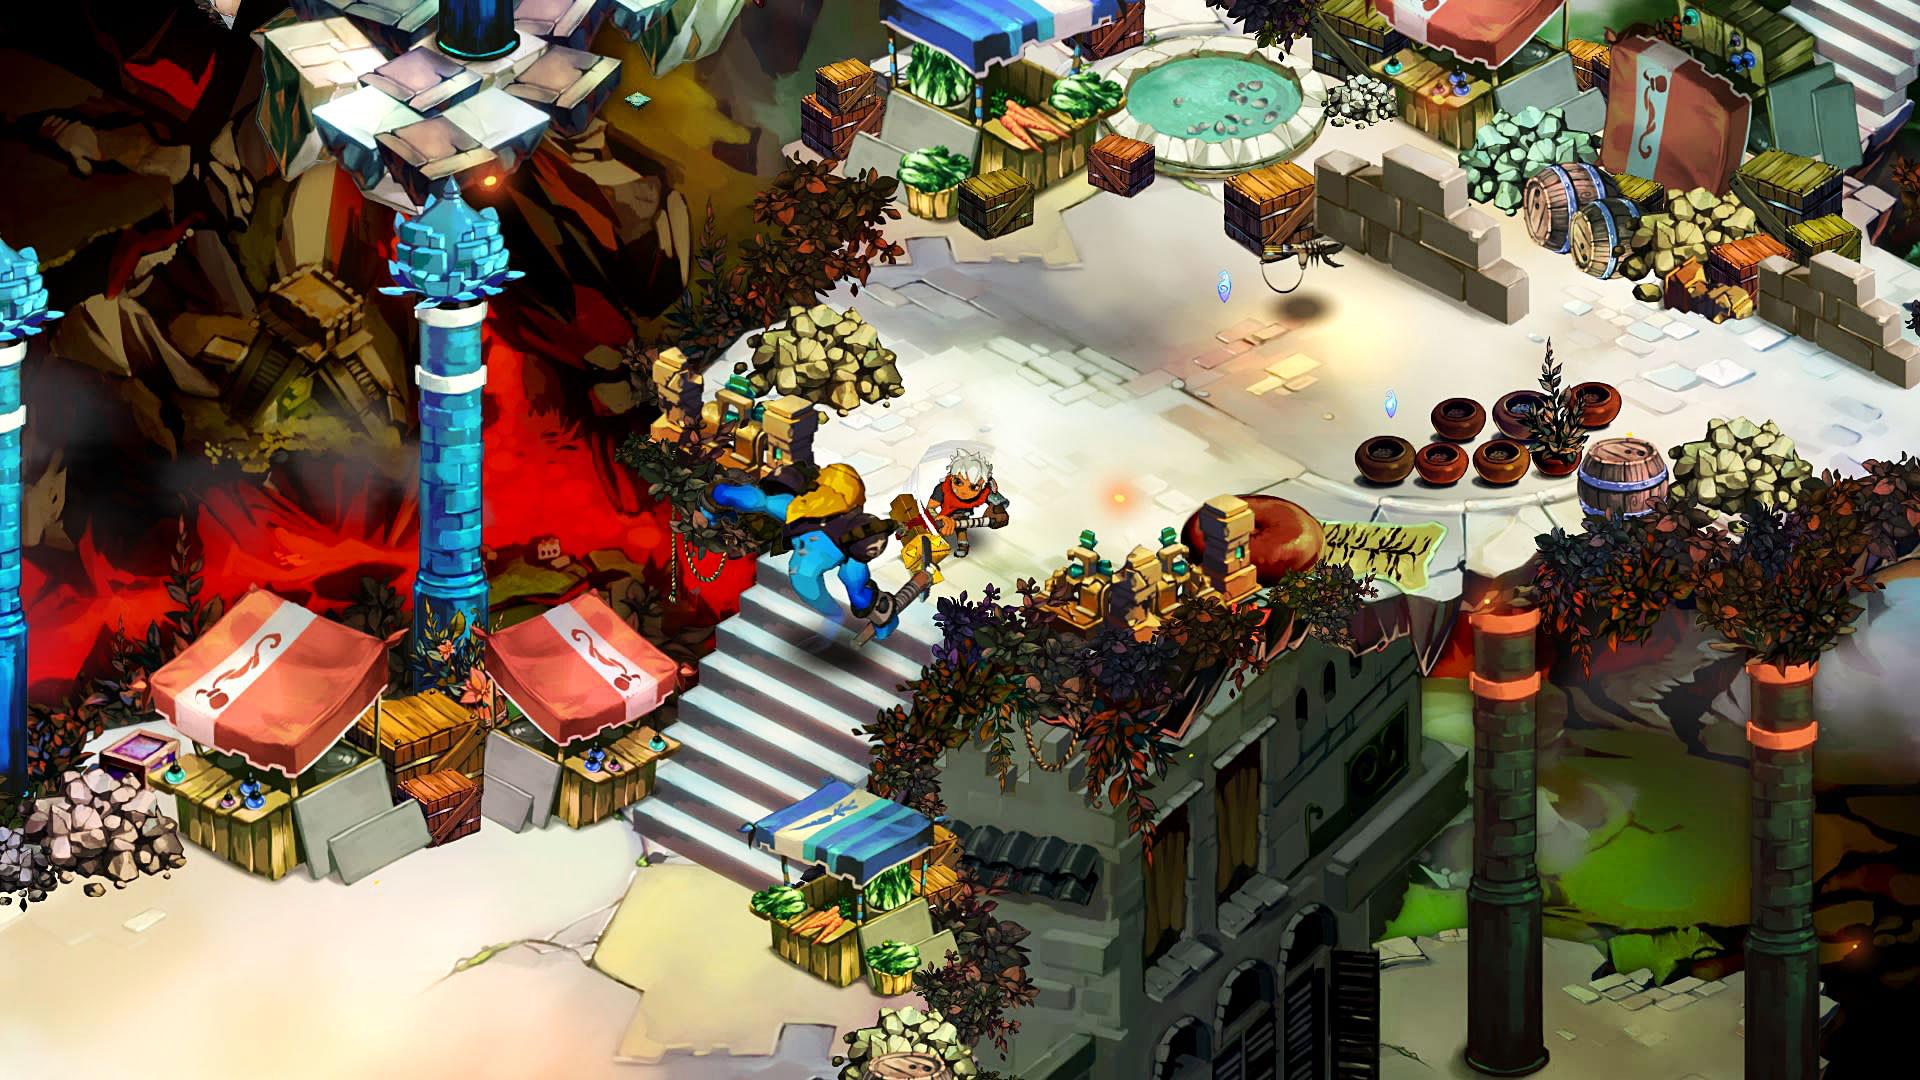 Quelle: Supergiant Games - Bastion